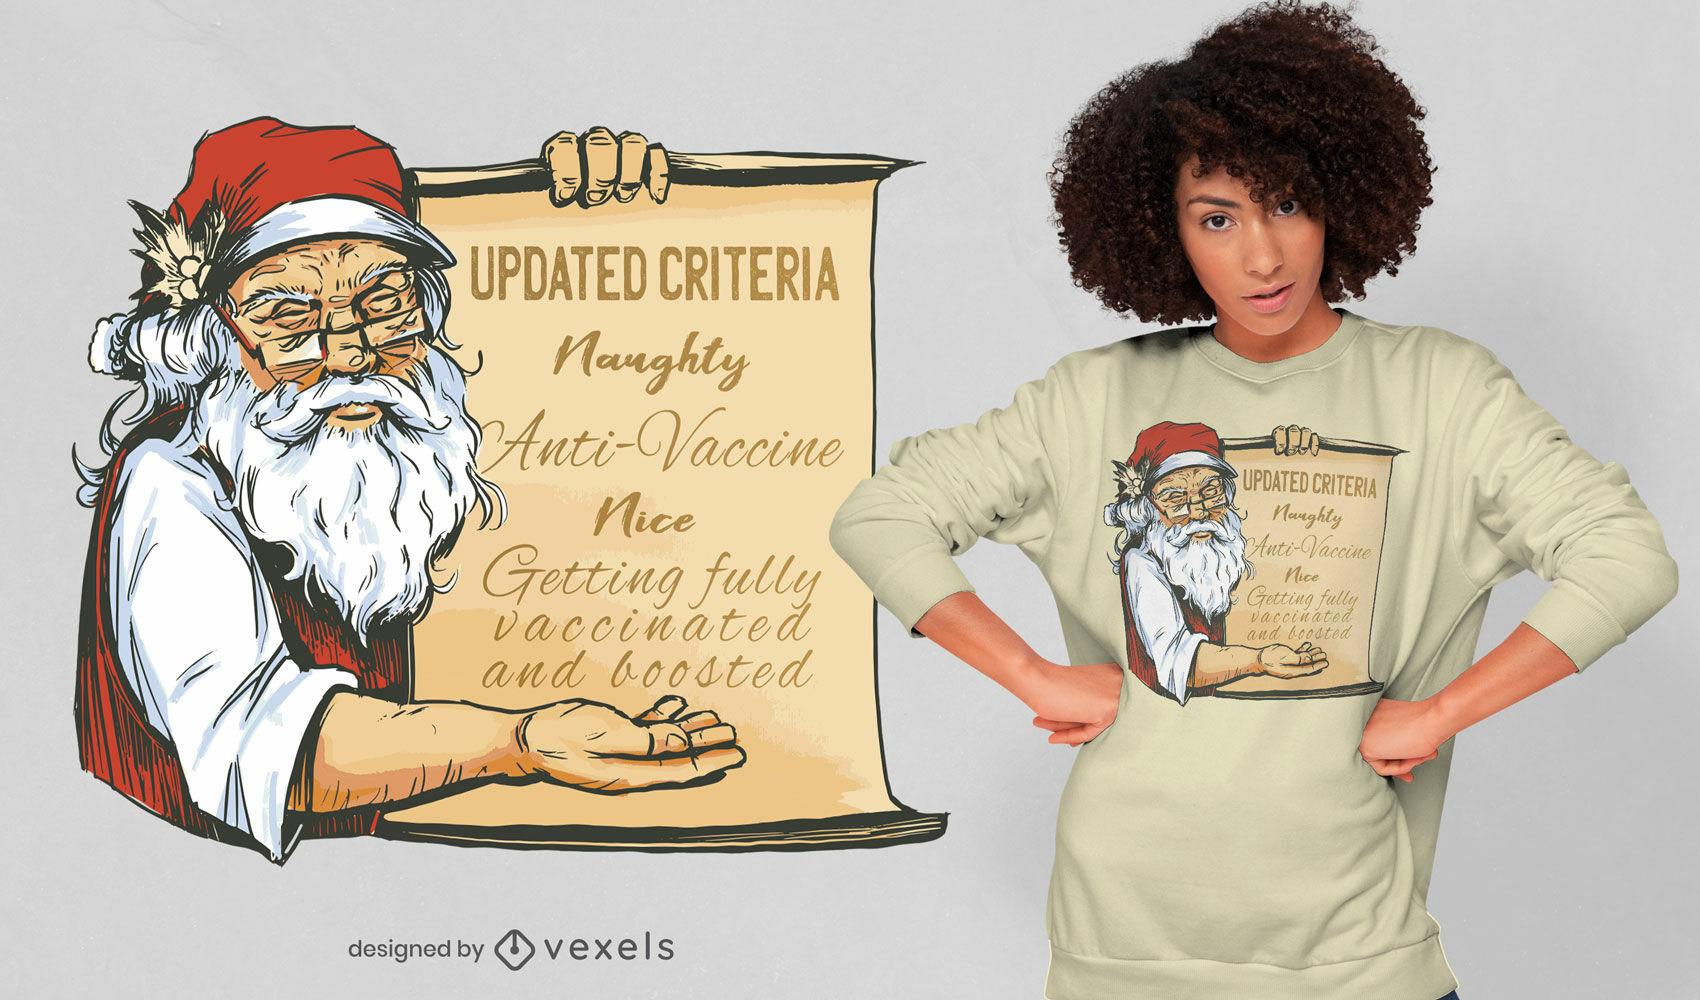 Genial dise?o de camiseta de Santa Pro-Vacuna